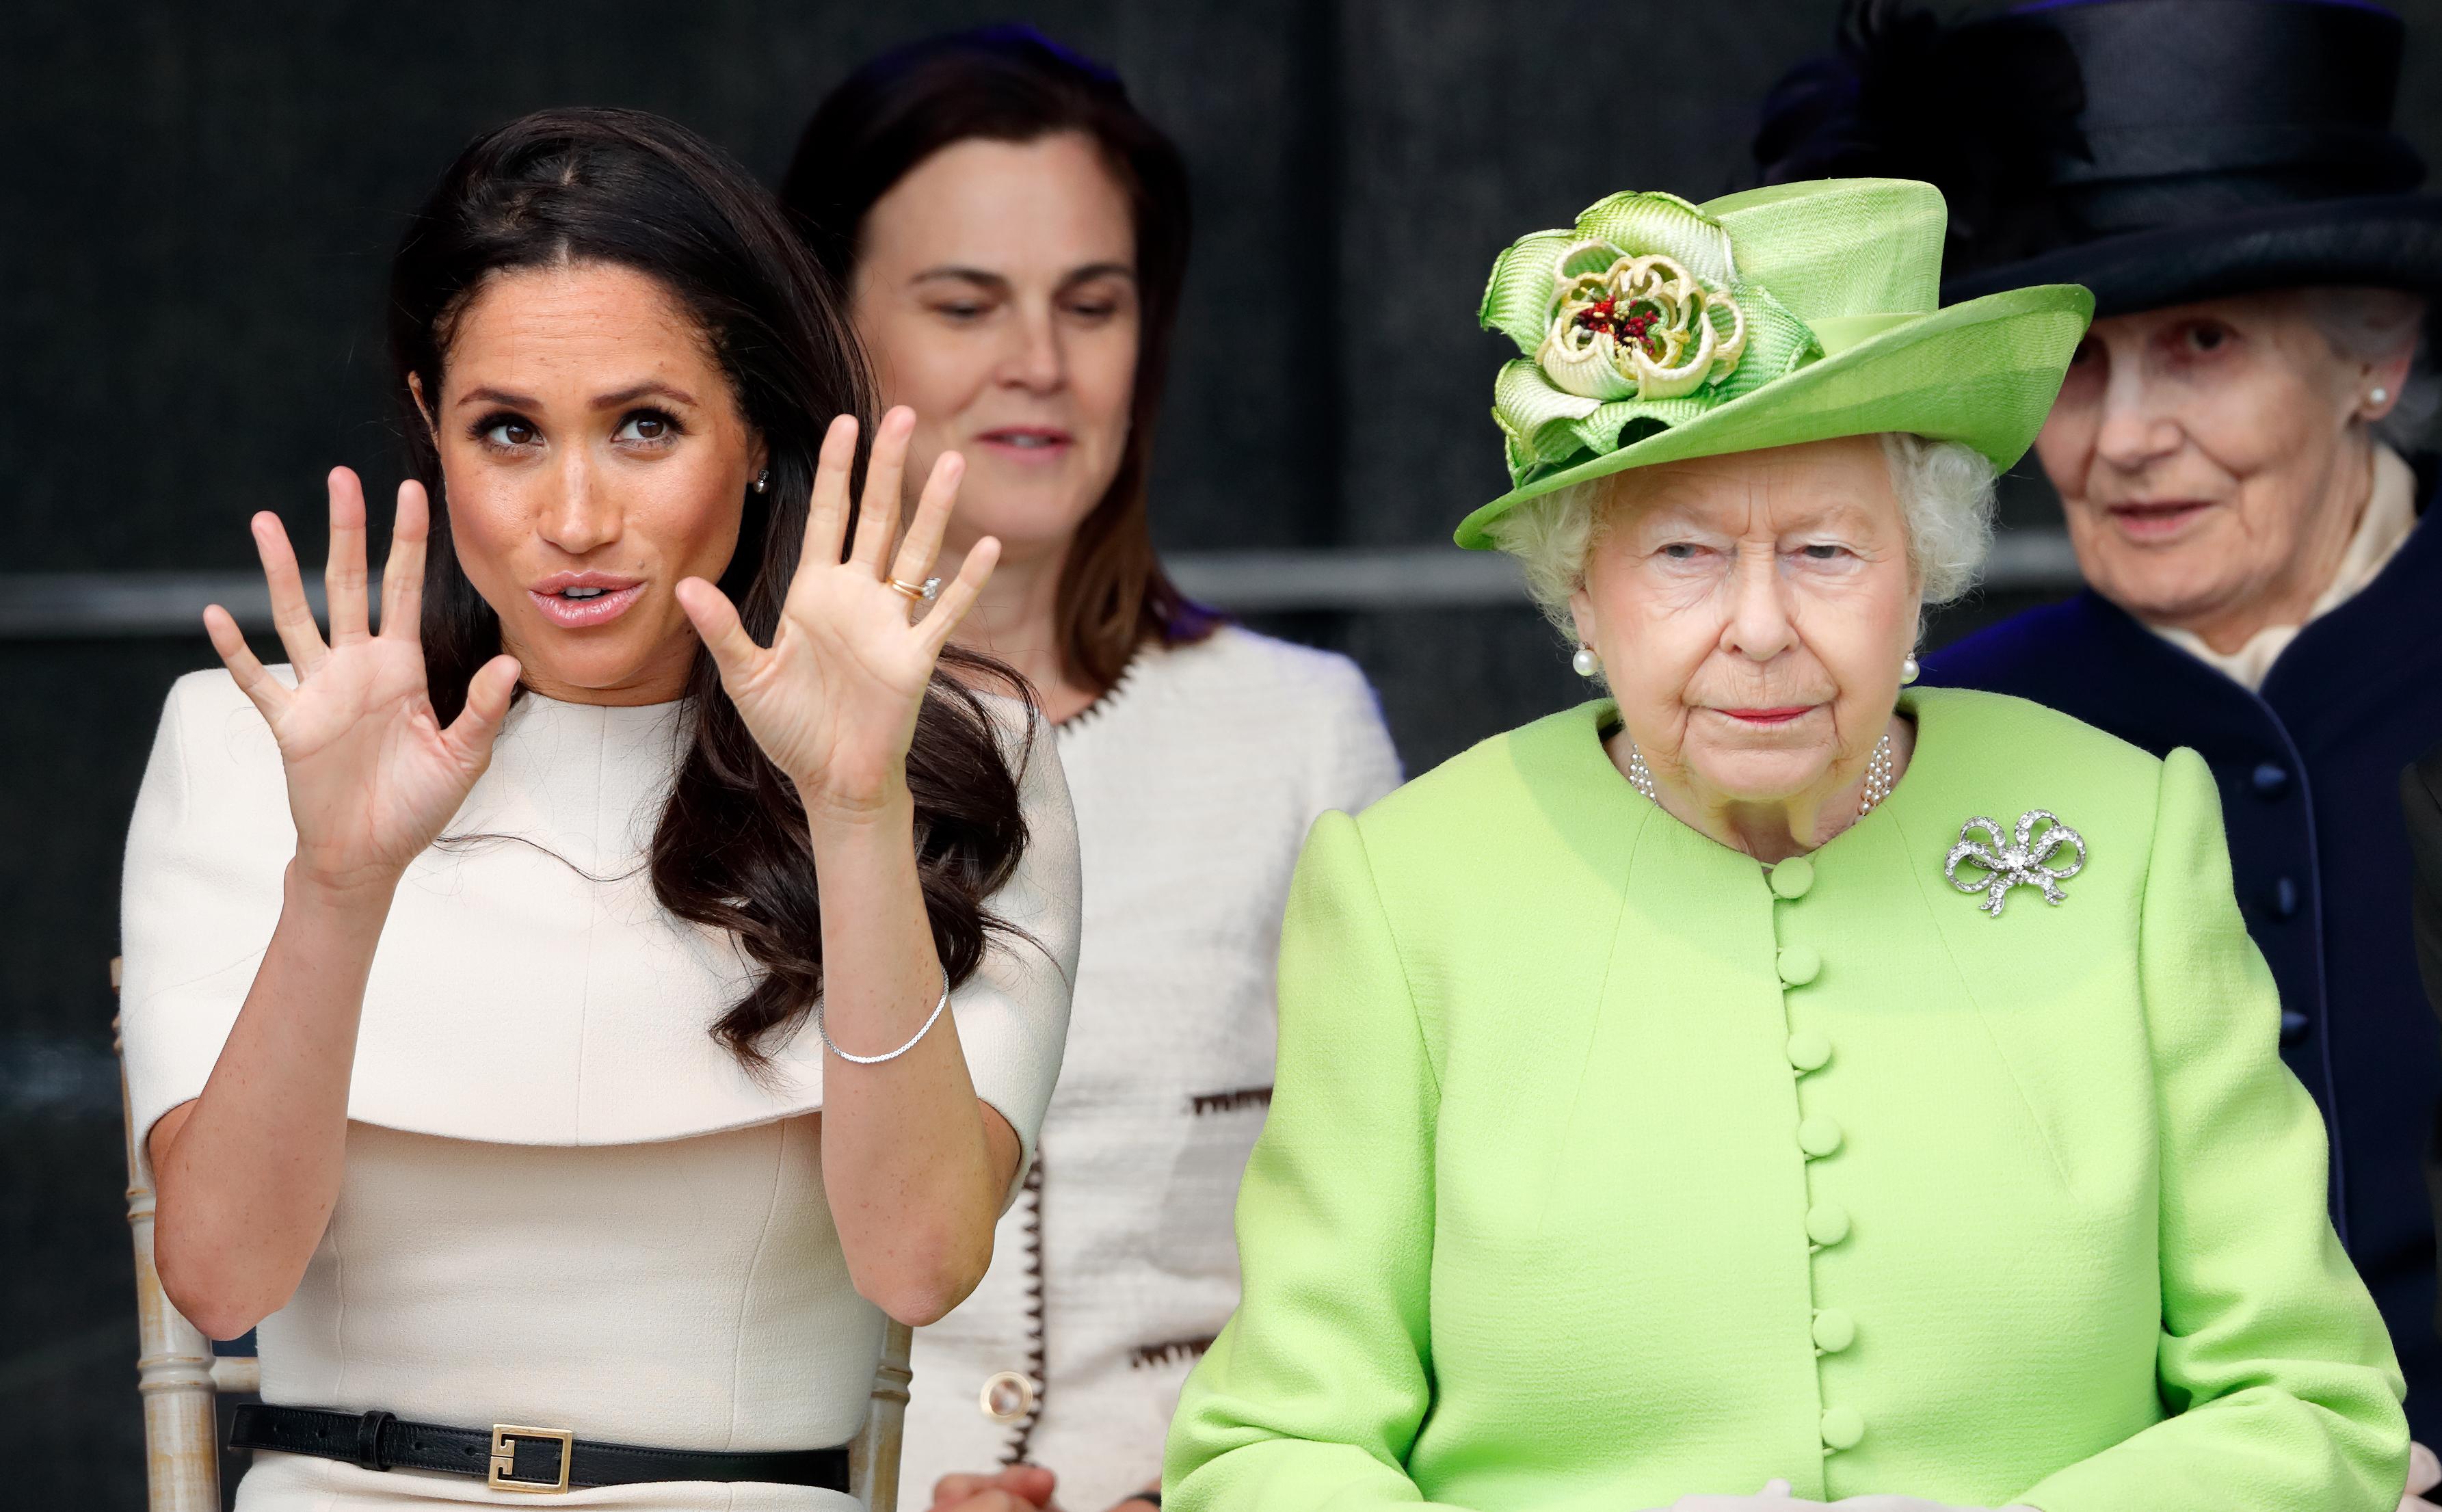 Queen Elizabeth Doesn't Want Meghan Markle's Baby Vegan: Exclusive